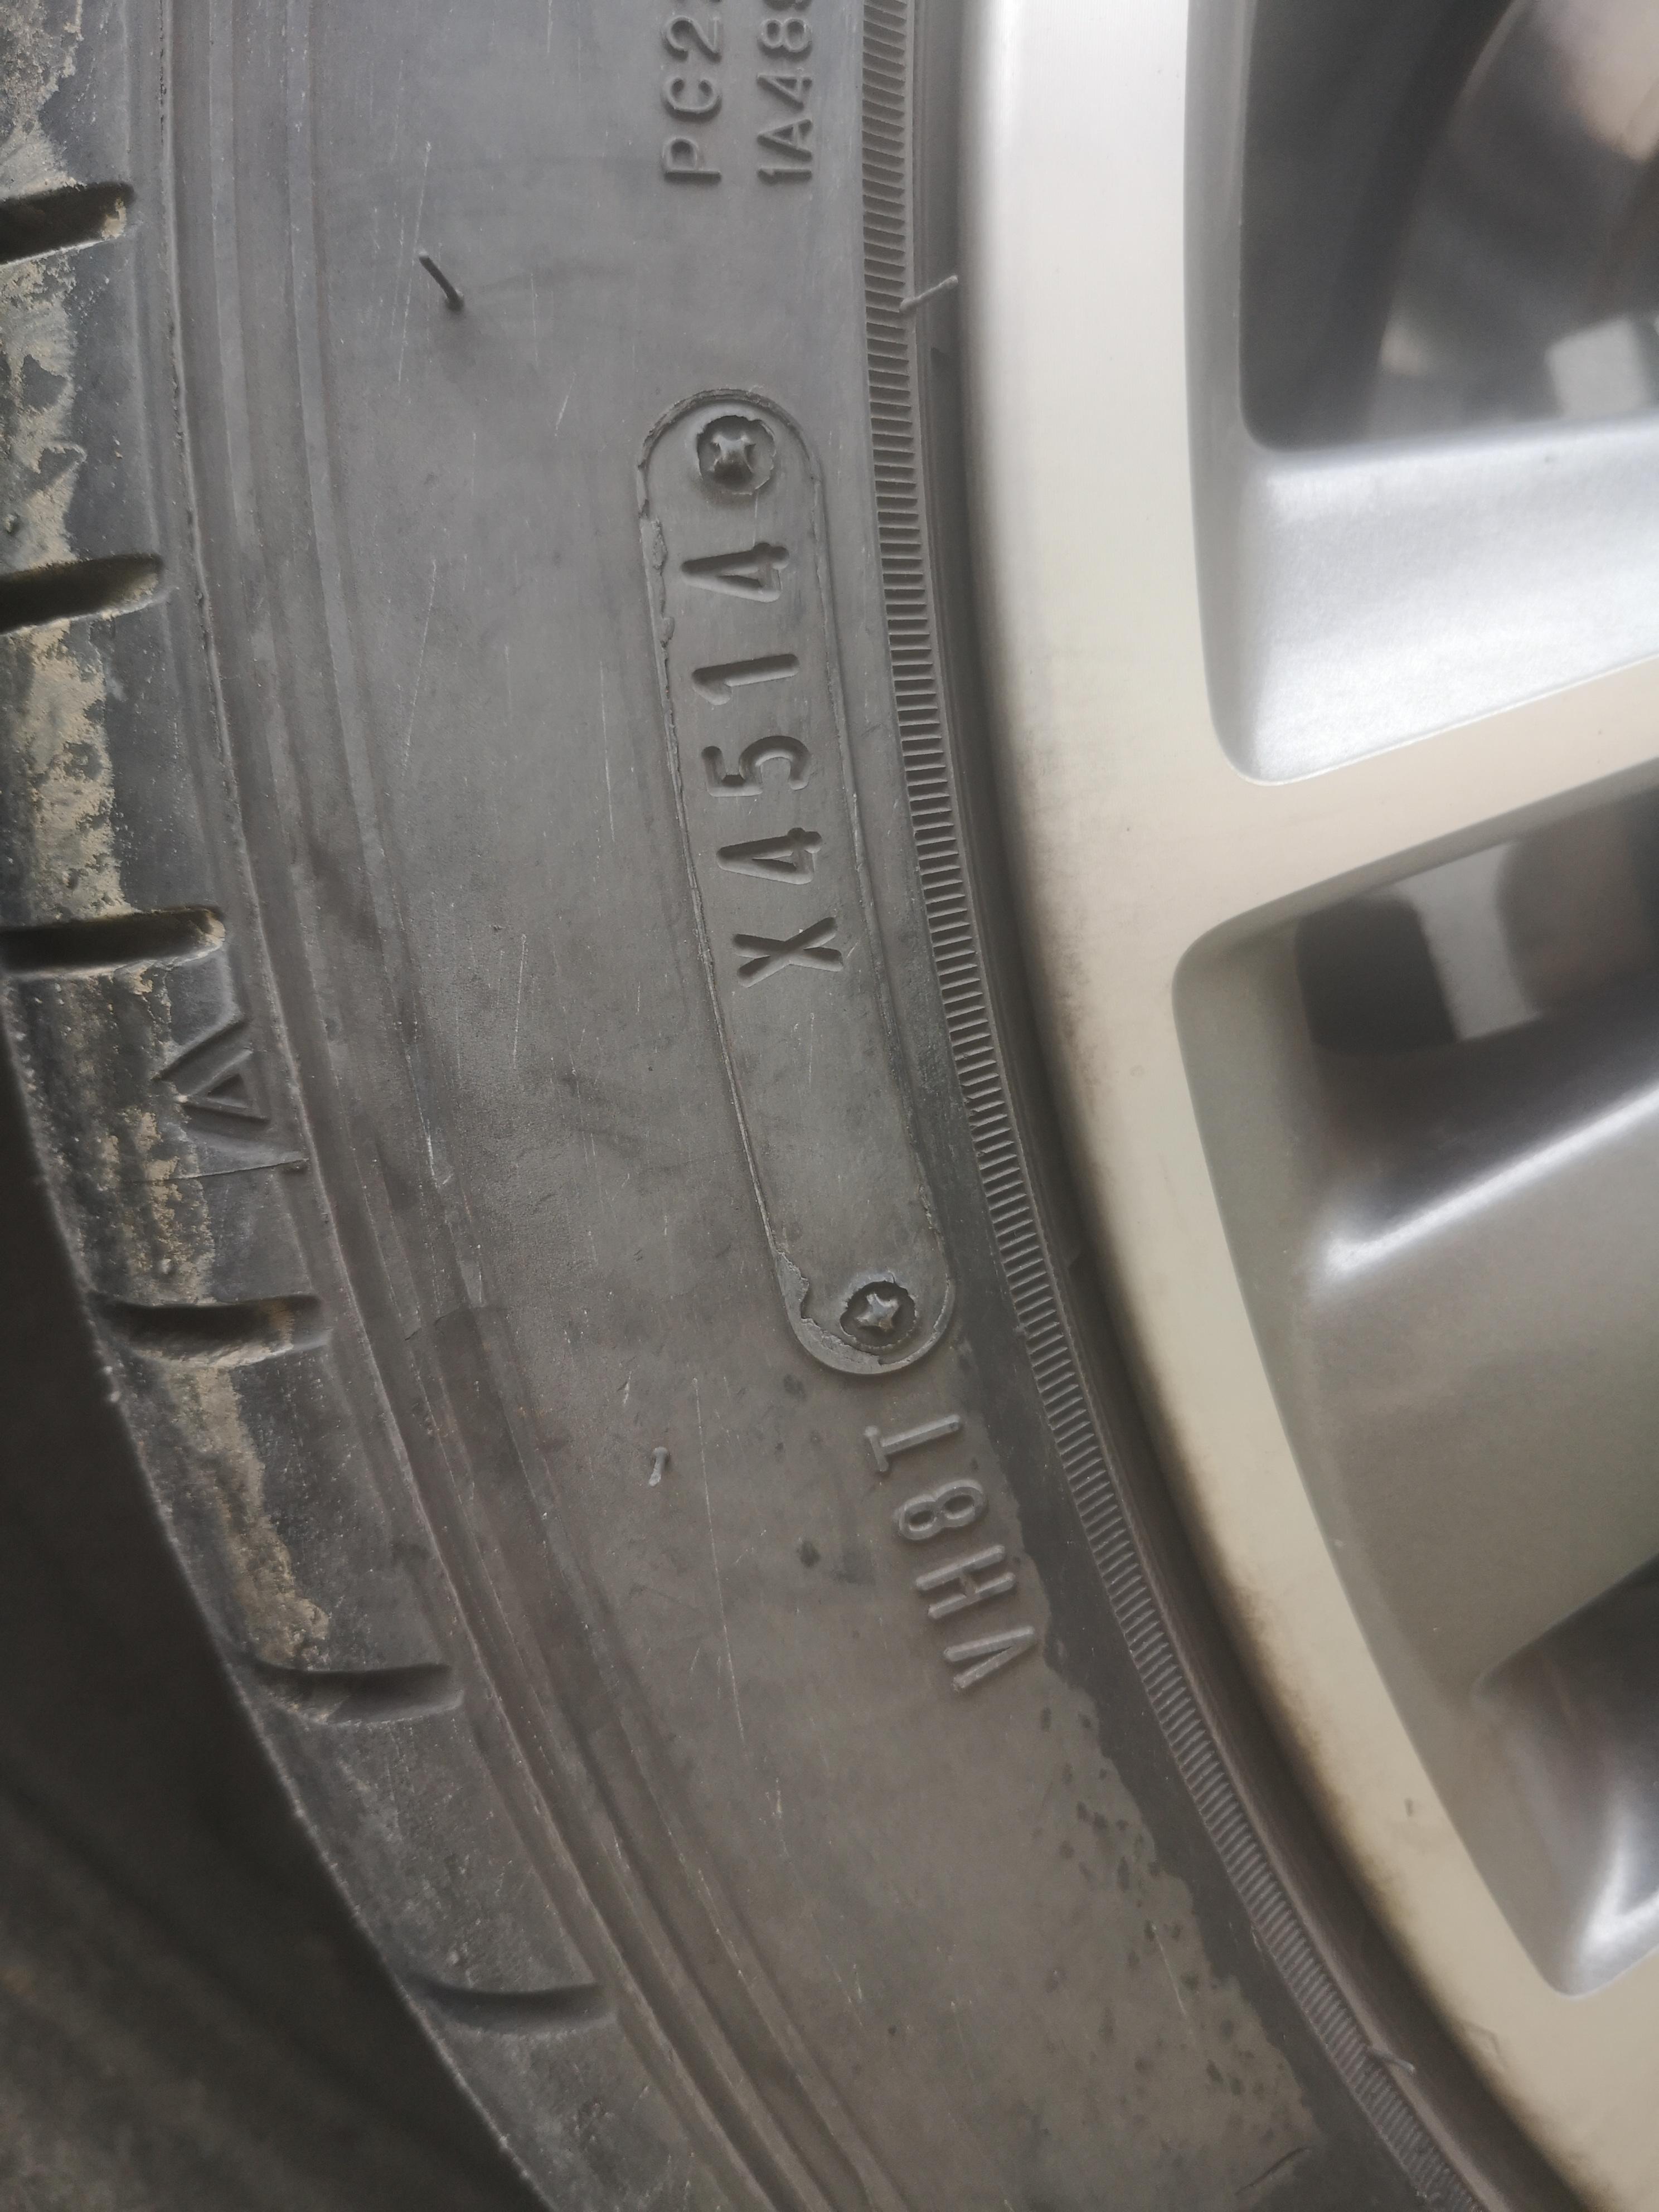 英菲尼迪-英菲尼迪Q50L在安徽伟诺英菲尼迪买的新车车胎配的是三年前的